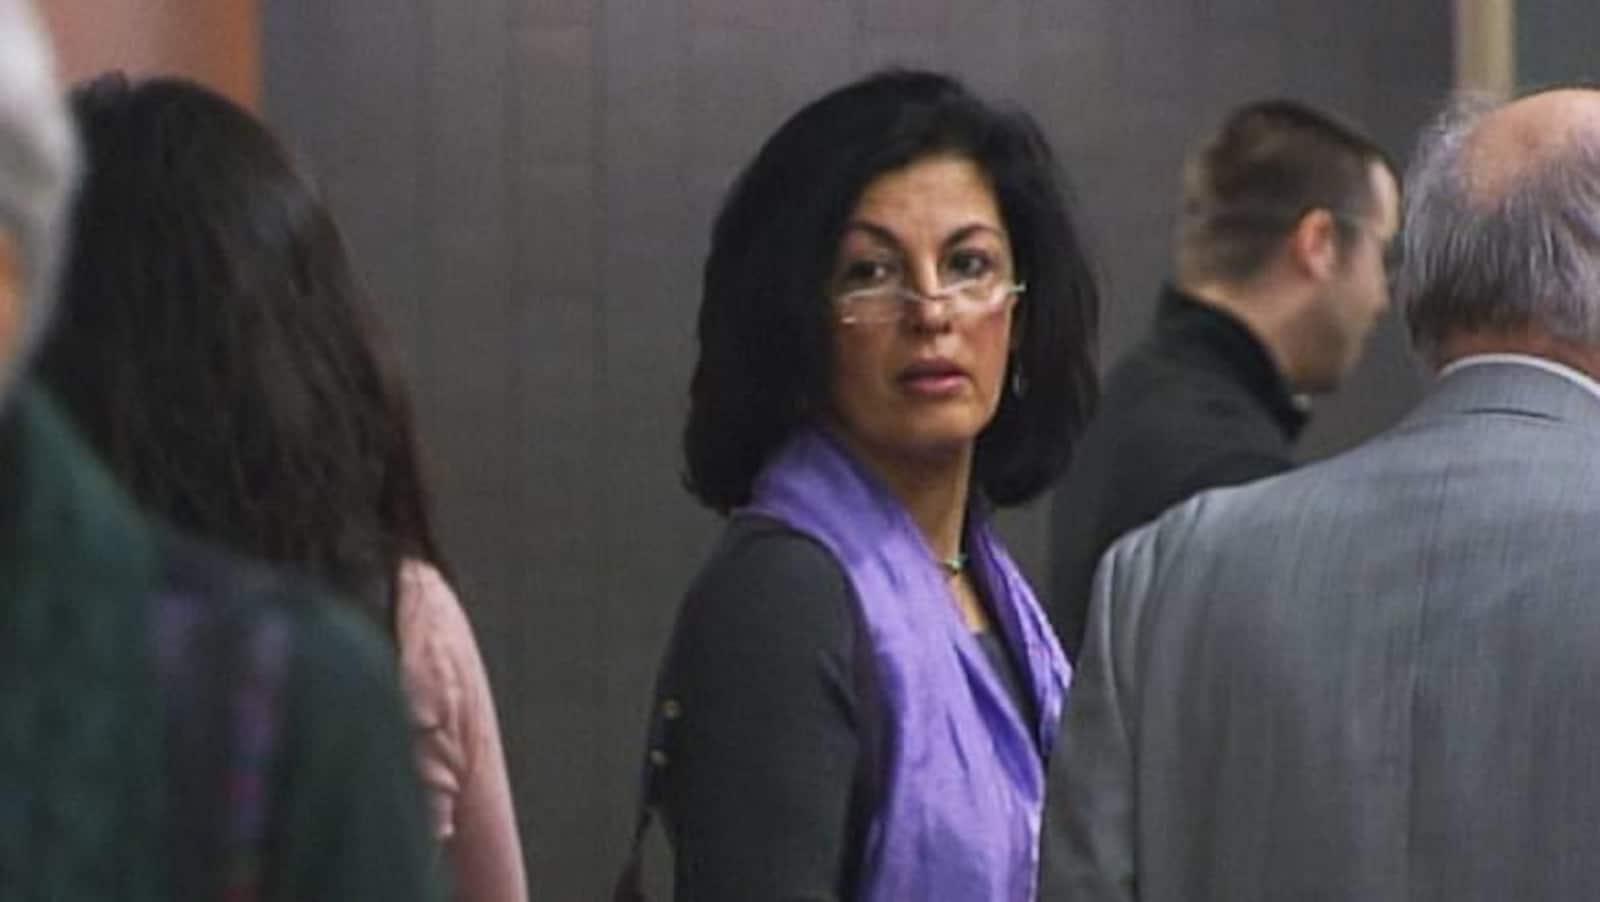 Mme Javanmardi dans le couloir d'un palais de justice.